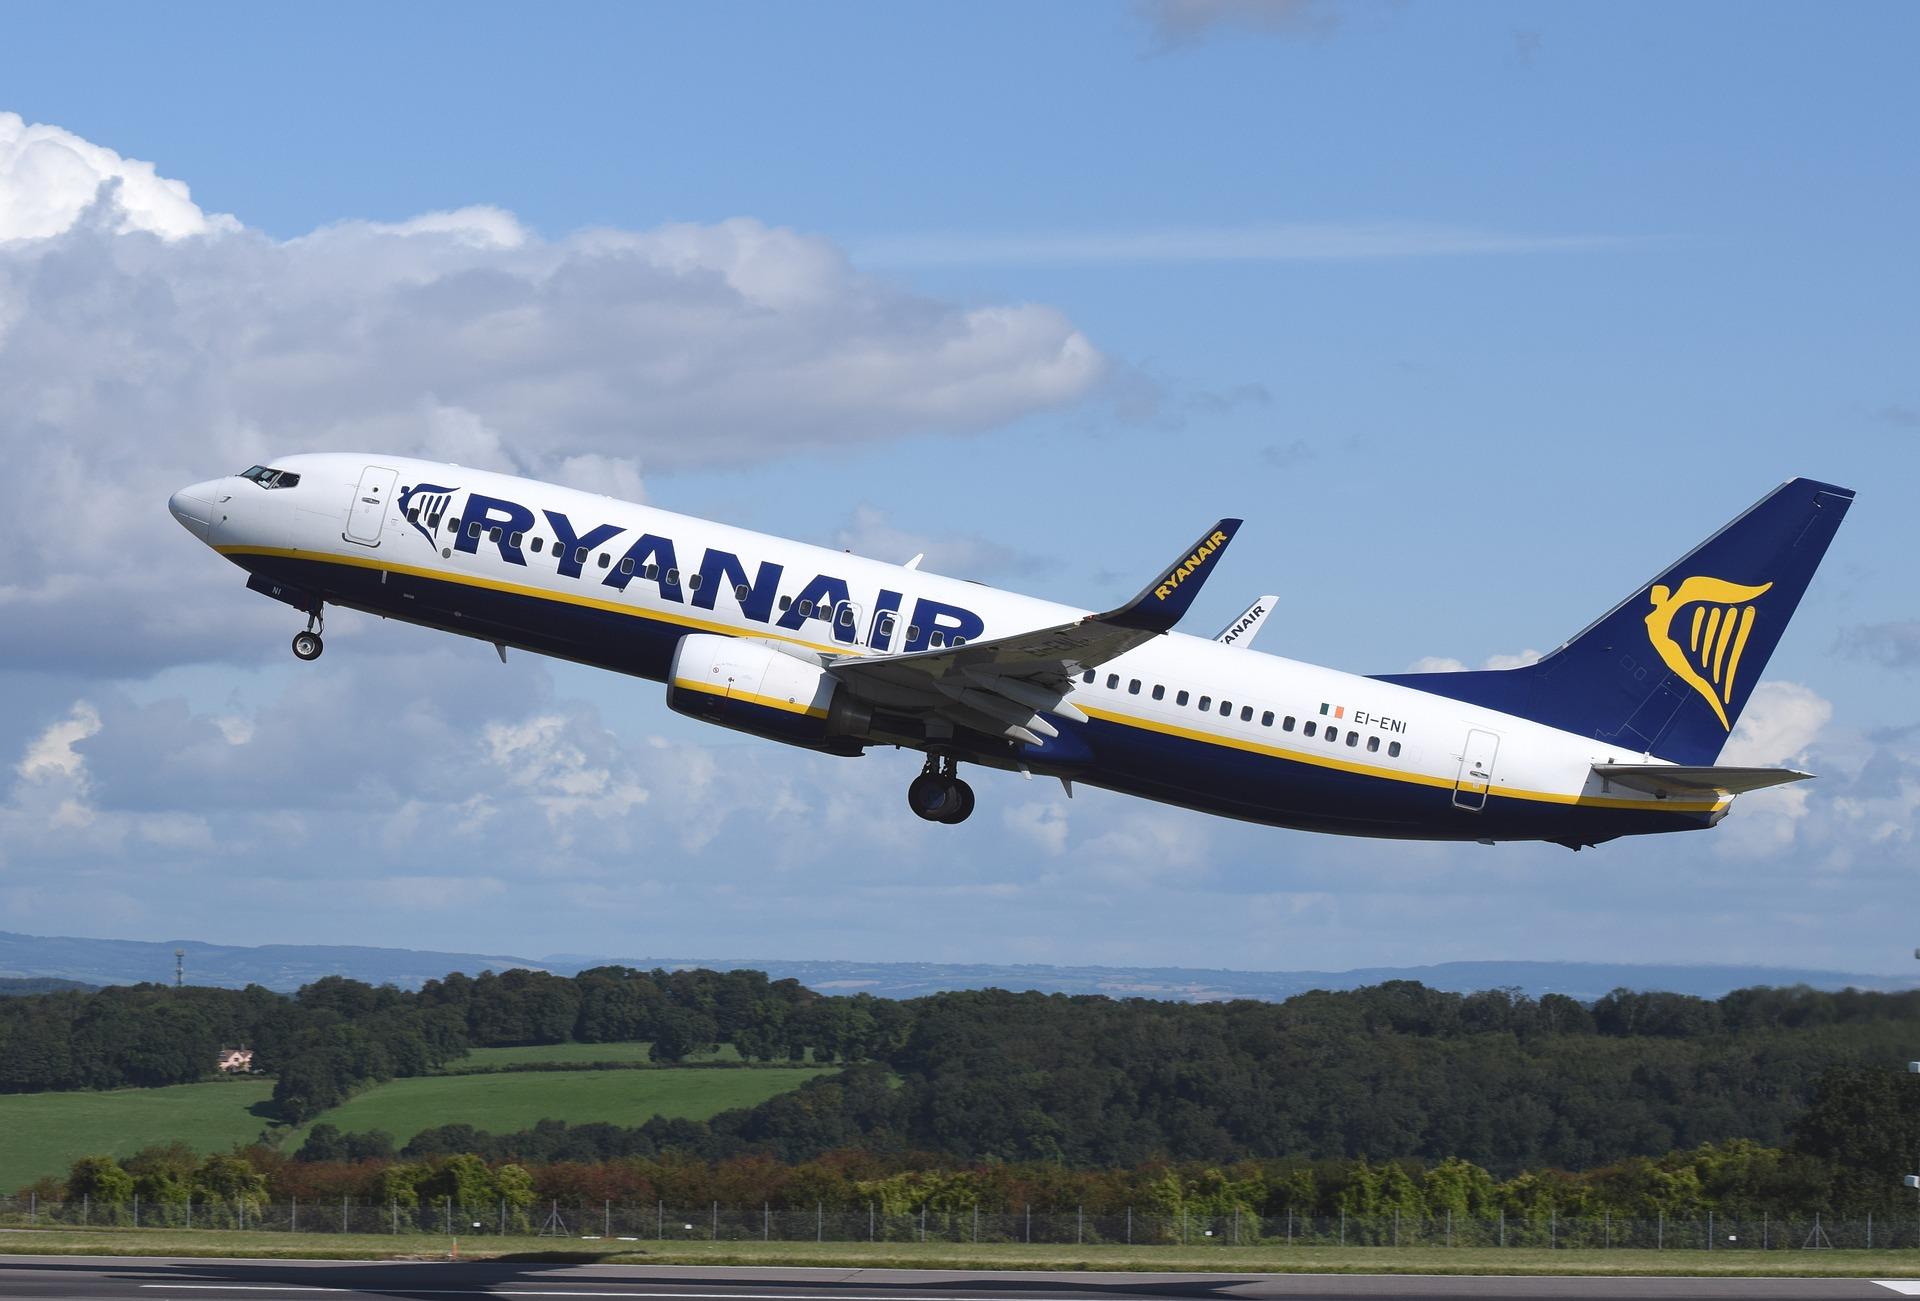 Les compagnies aériennes low-cost sont en pleine forme